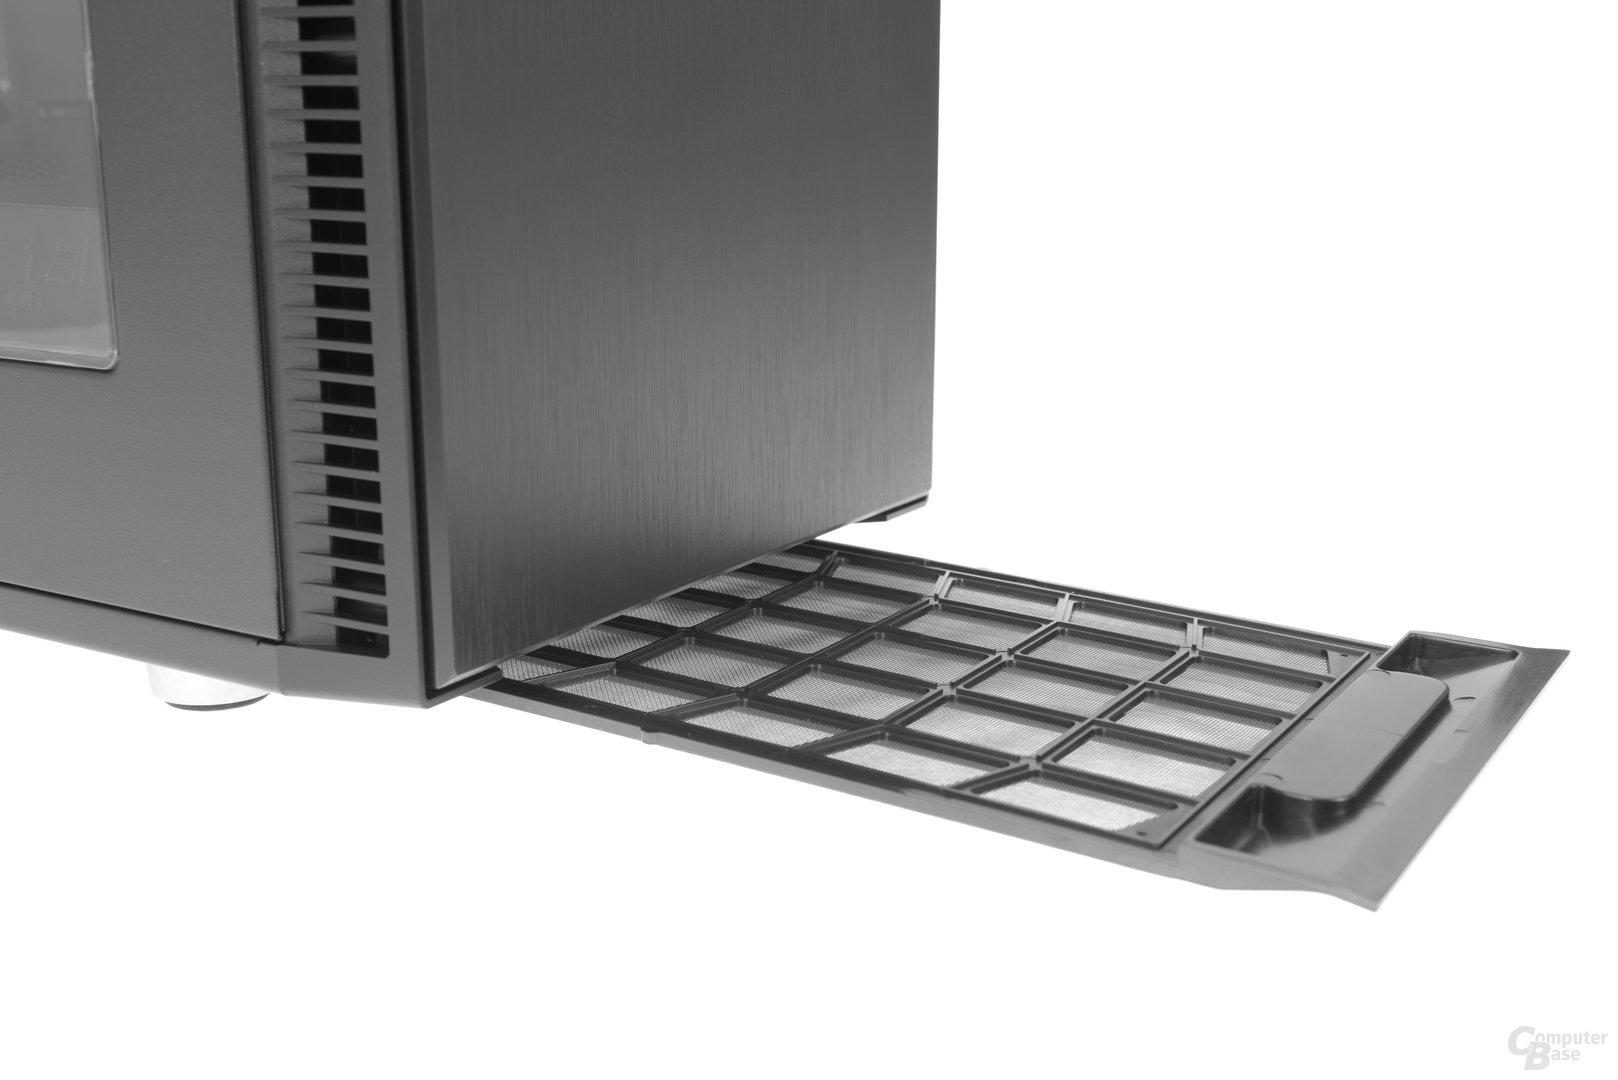 Fractal Design Define Mini C – Bodenstaubfilter lässt sich von vorne heraus ziehen